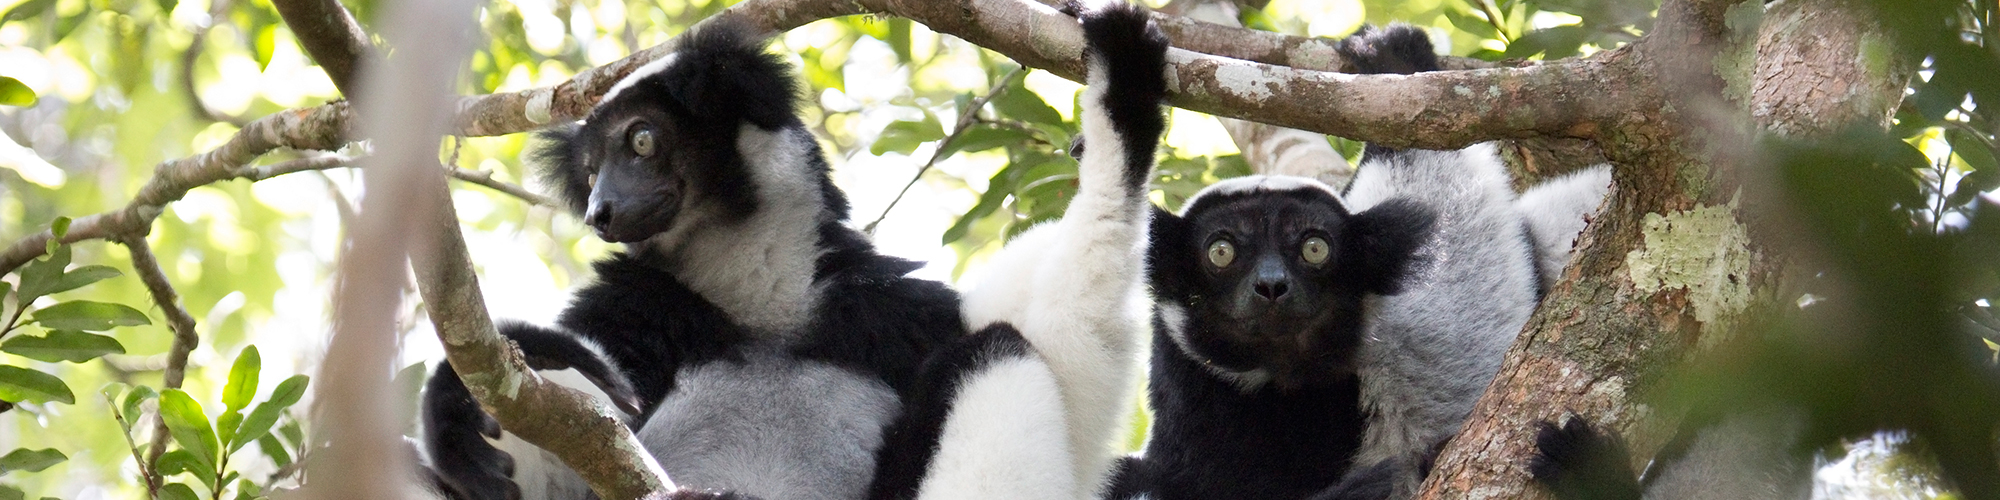 Madagascar, un mundo diferente - El País Viajes